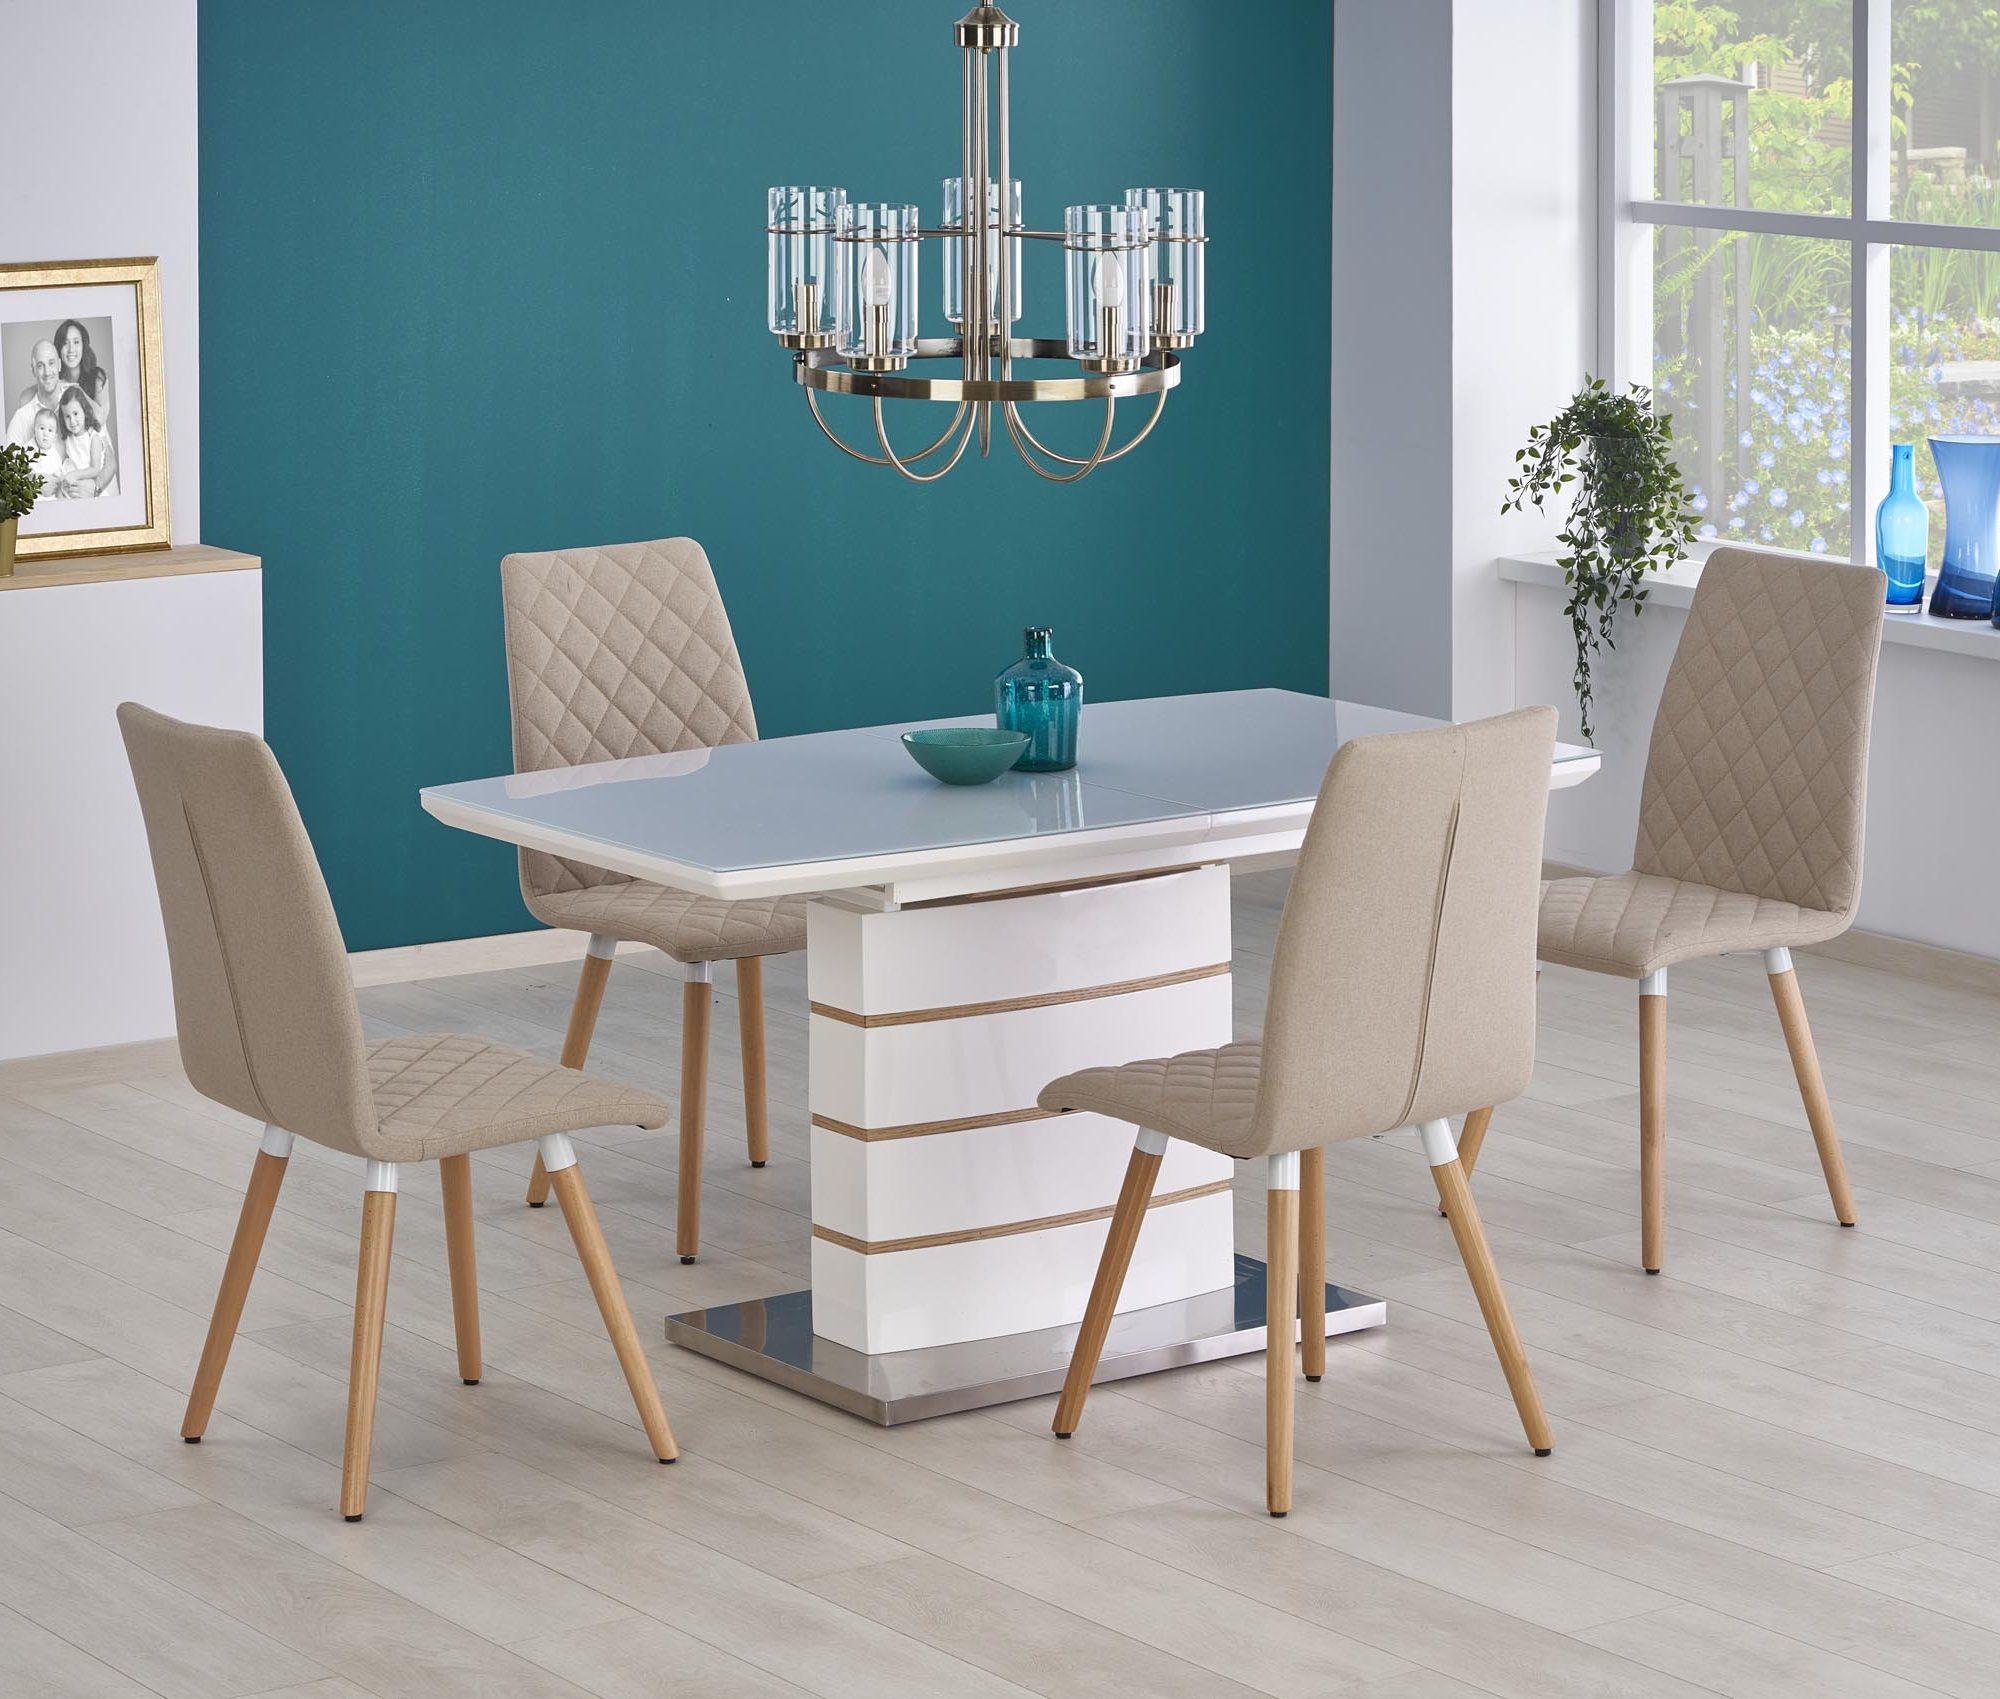 Jedálenský stôl Toronto (pre 6 až 8 osôb)